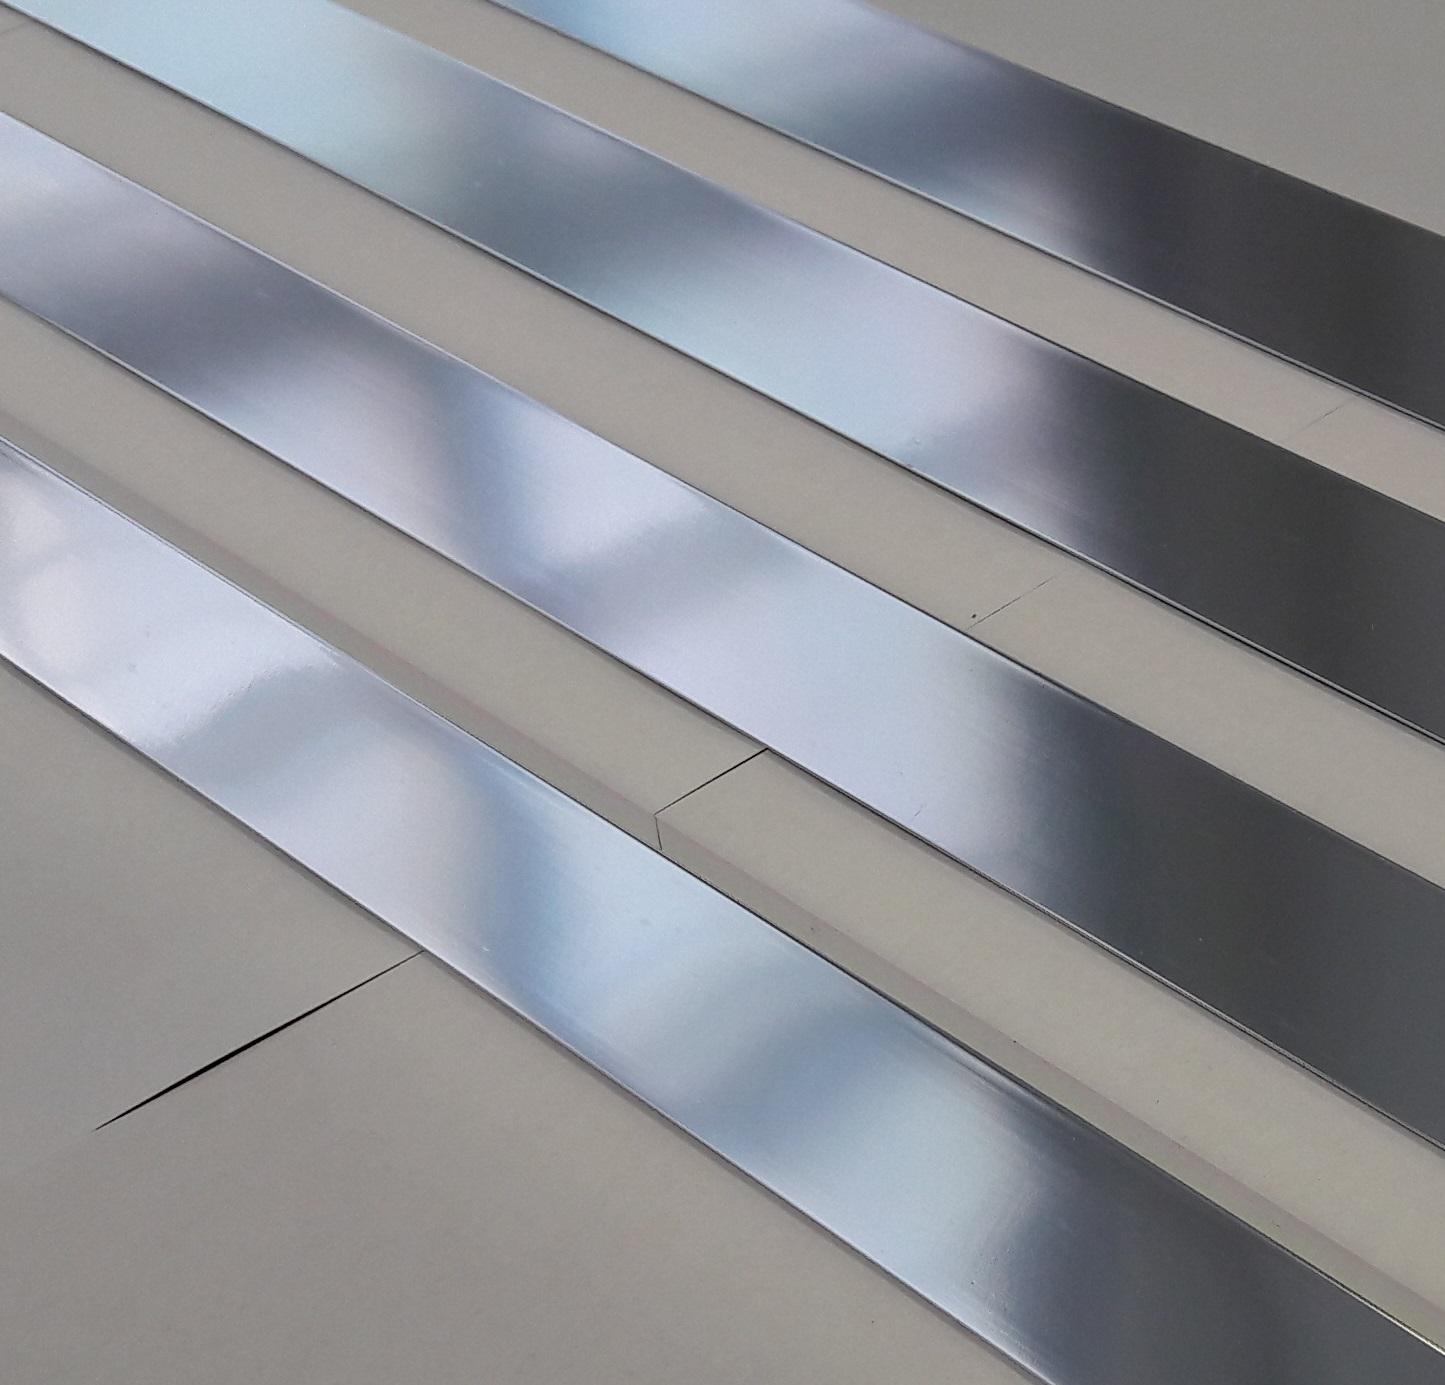 Profili alluminio a specchio al go alluminio - Alluminio lucidato a specchio ...